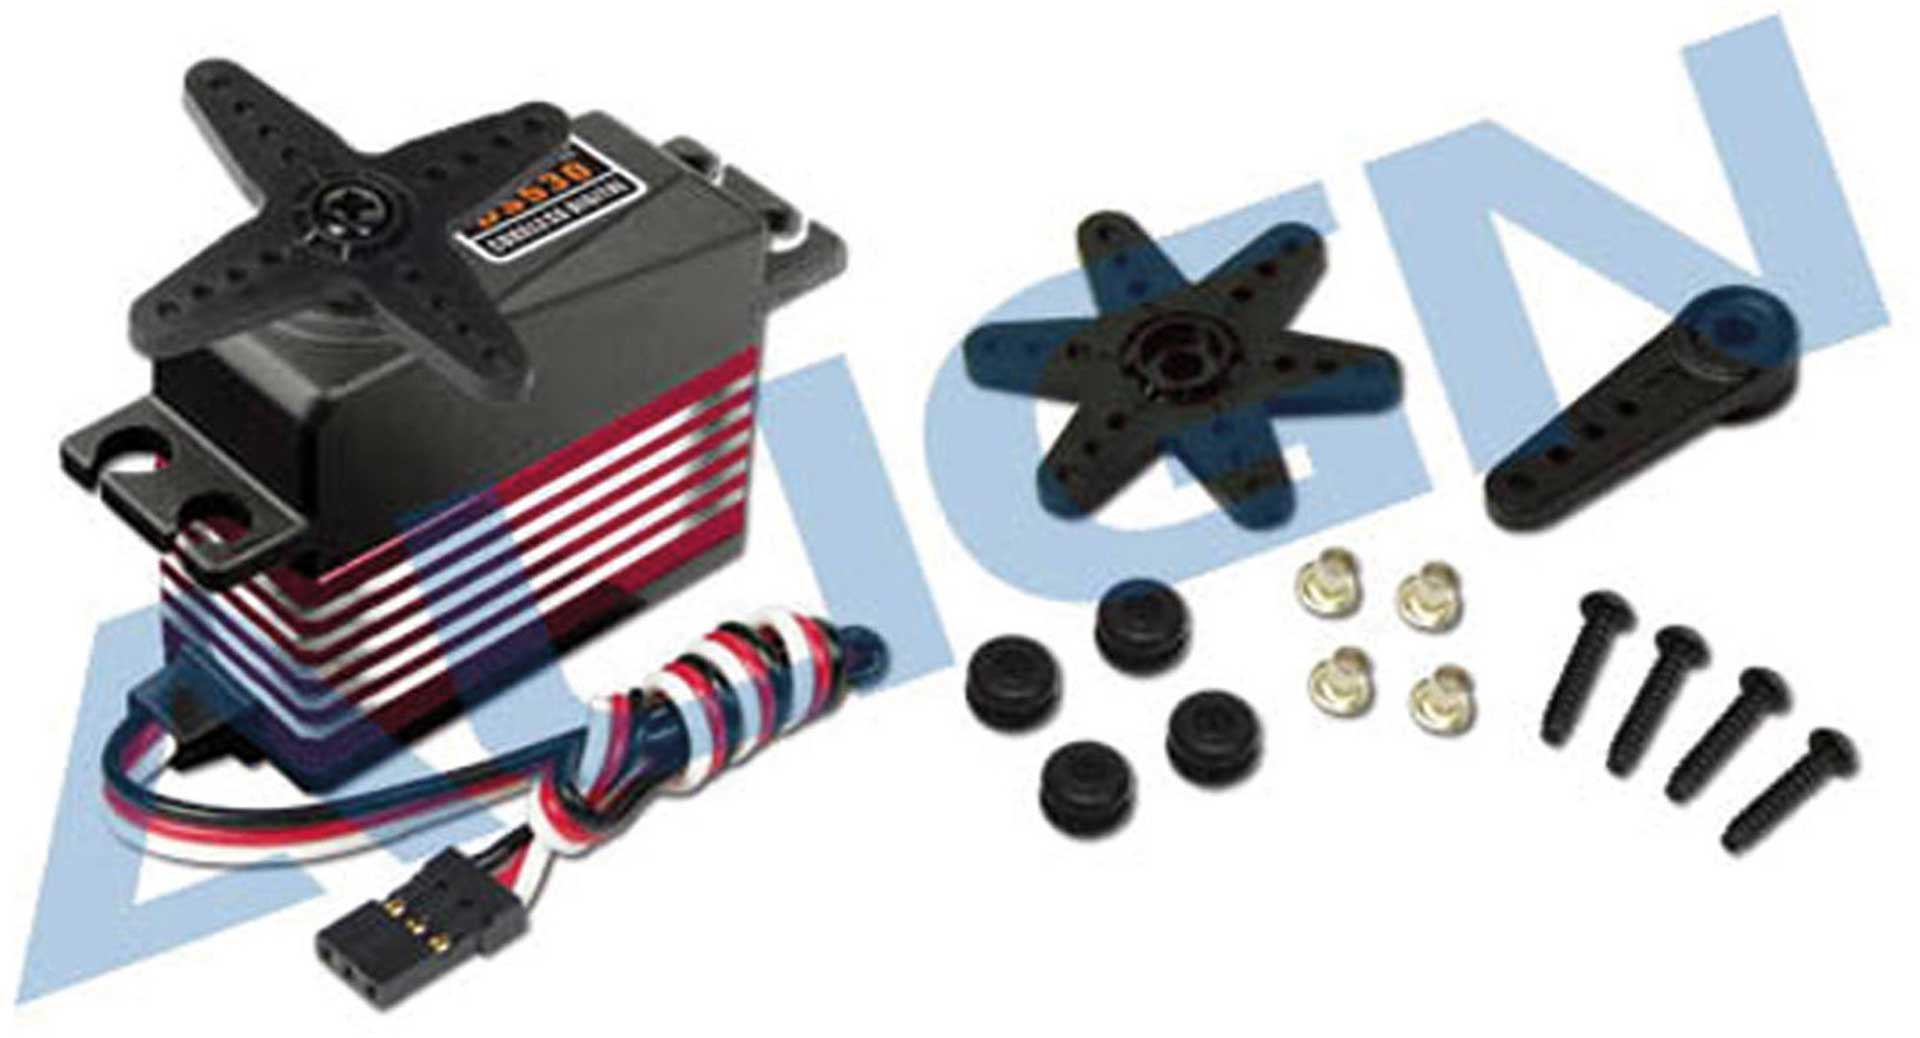 ALIGN DS530 DIGITAL SERVO T-REX 500L